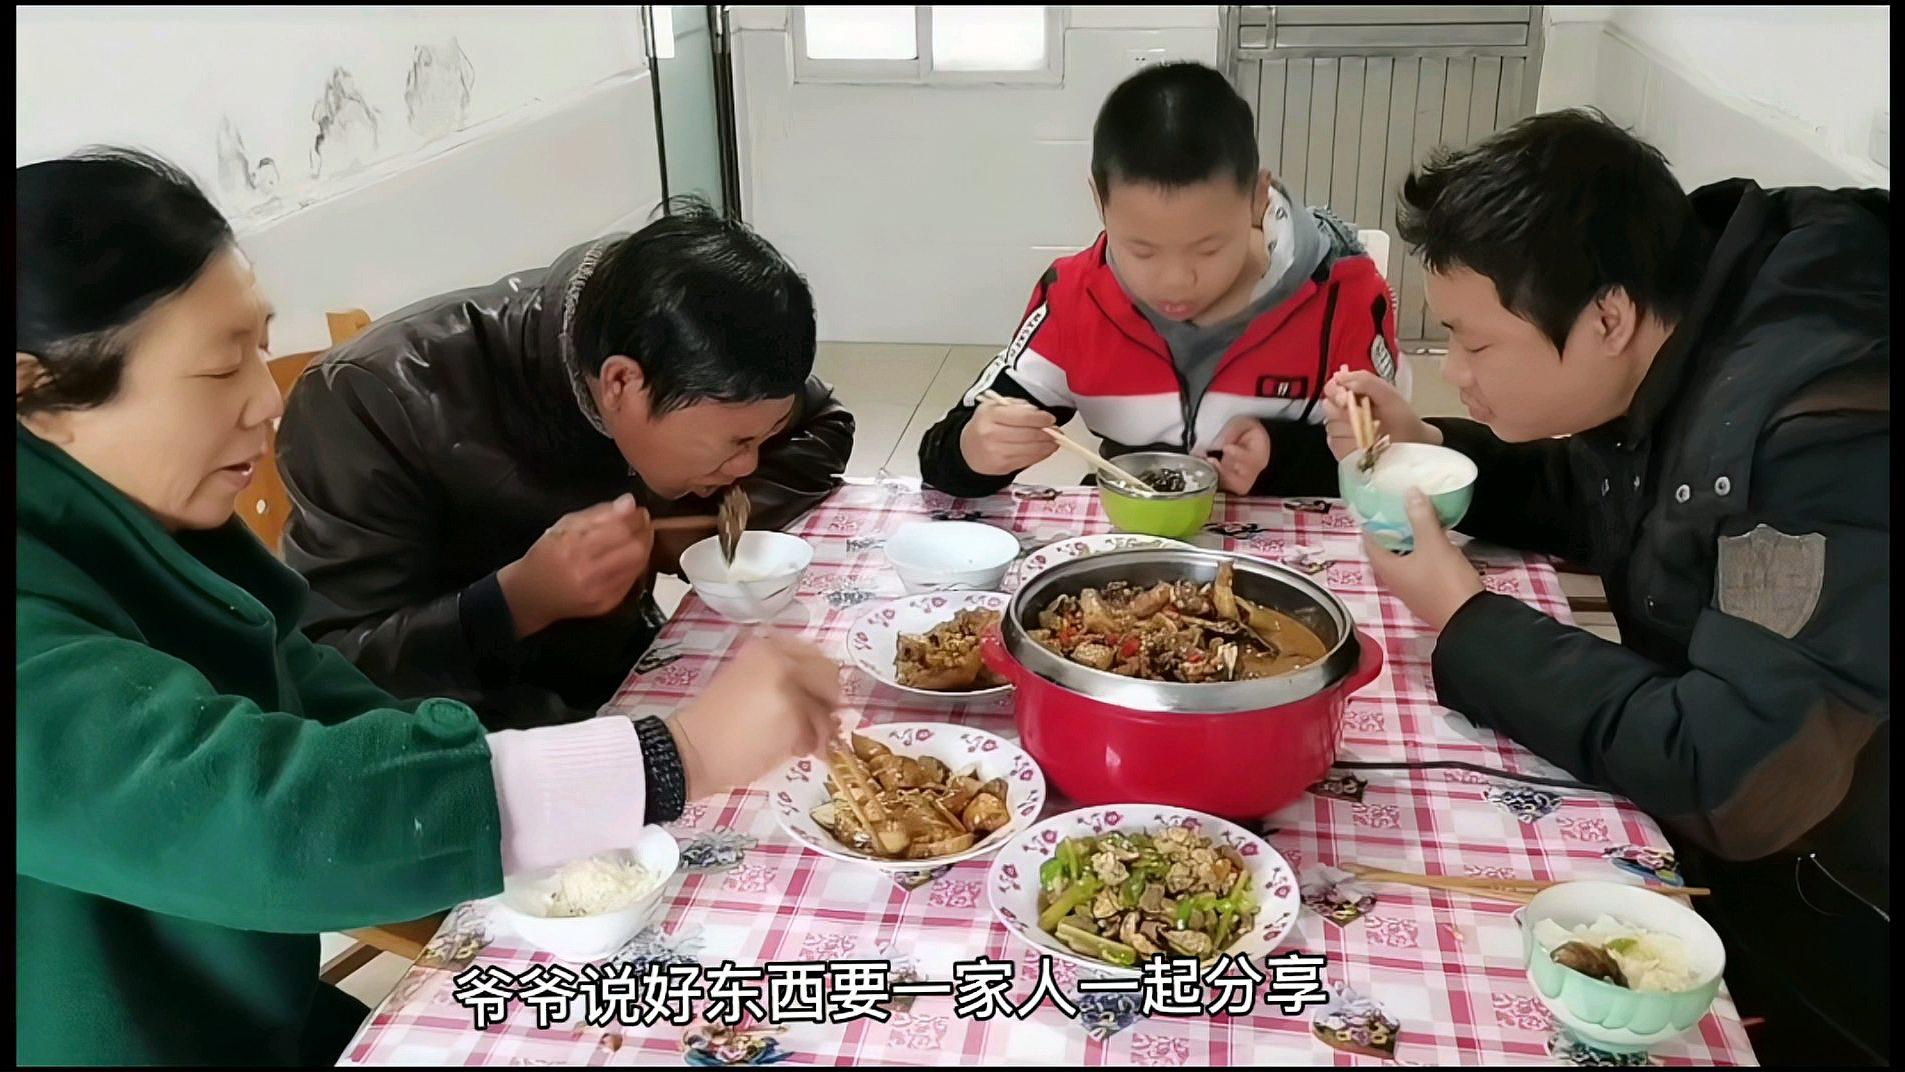 甲鱼猪蹄荆州特色吃法,大人们吃得欢,为啥唯独刘夏儿子气呼呼